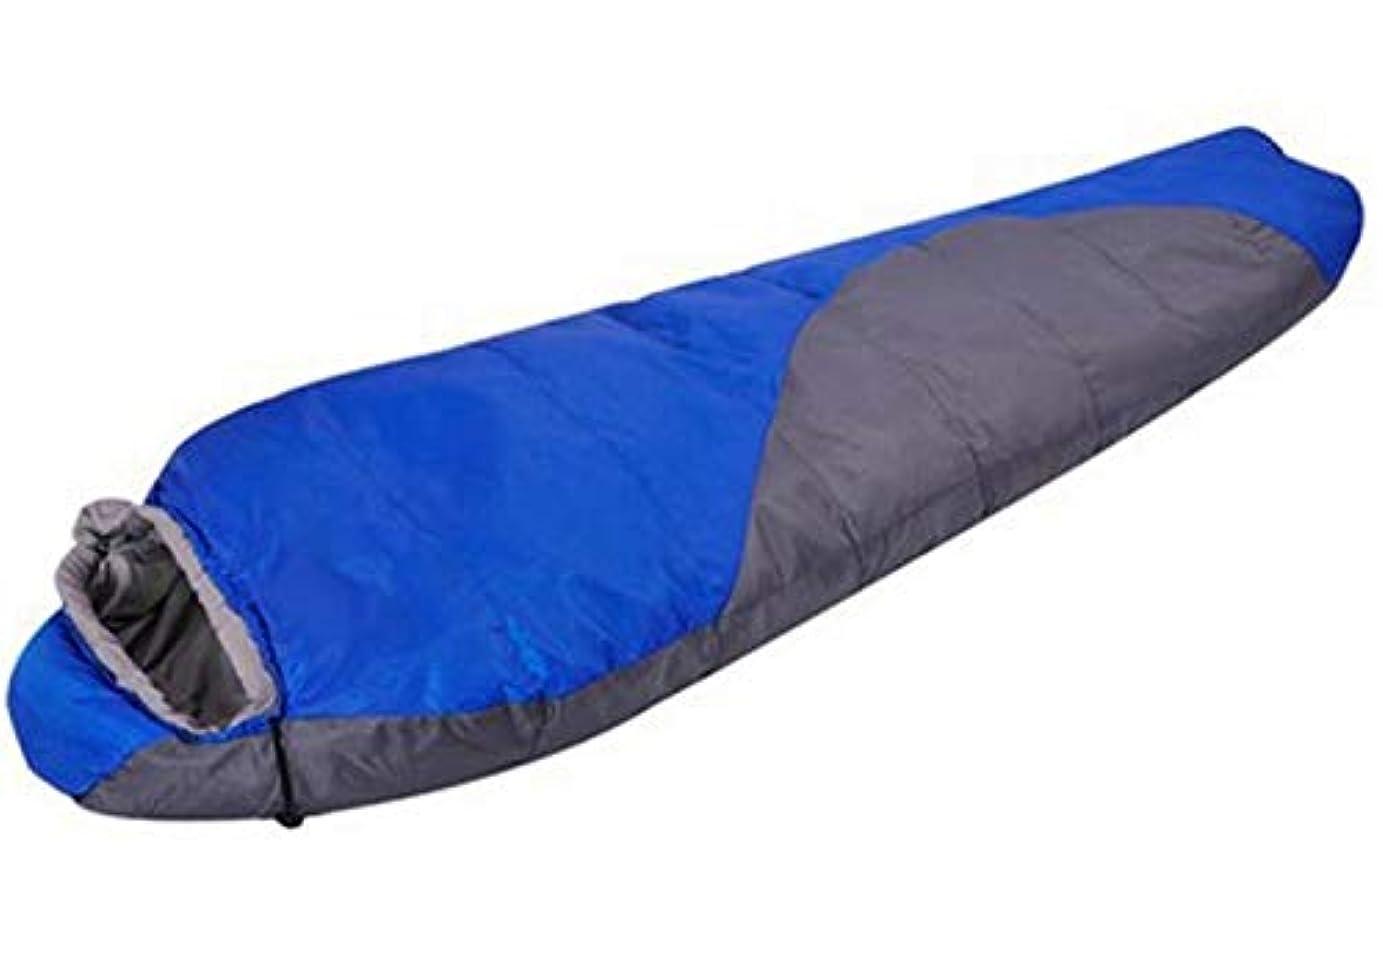 皿虚弱化石ミイラ寝袋、0度C超軽量綿暖かいキャンプハイキングアウトドアトレッキング圧縮キャリーバッグは含まれています